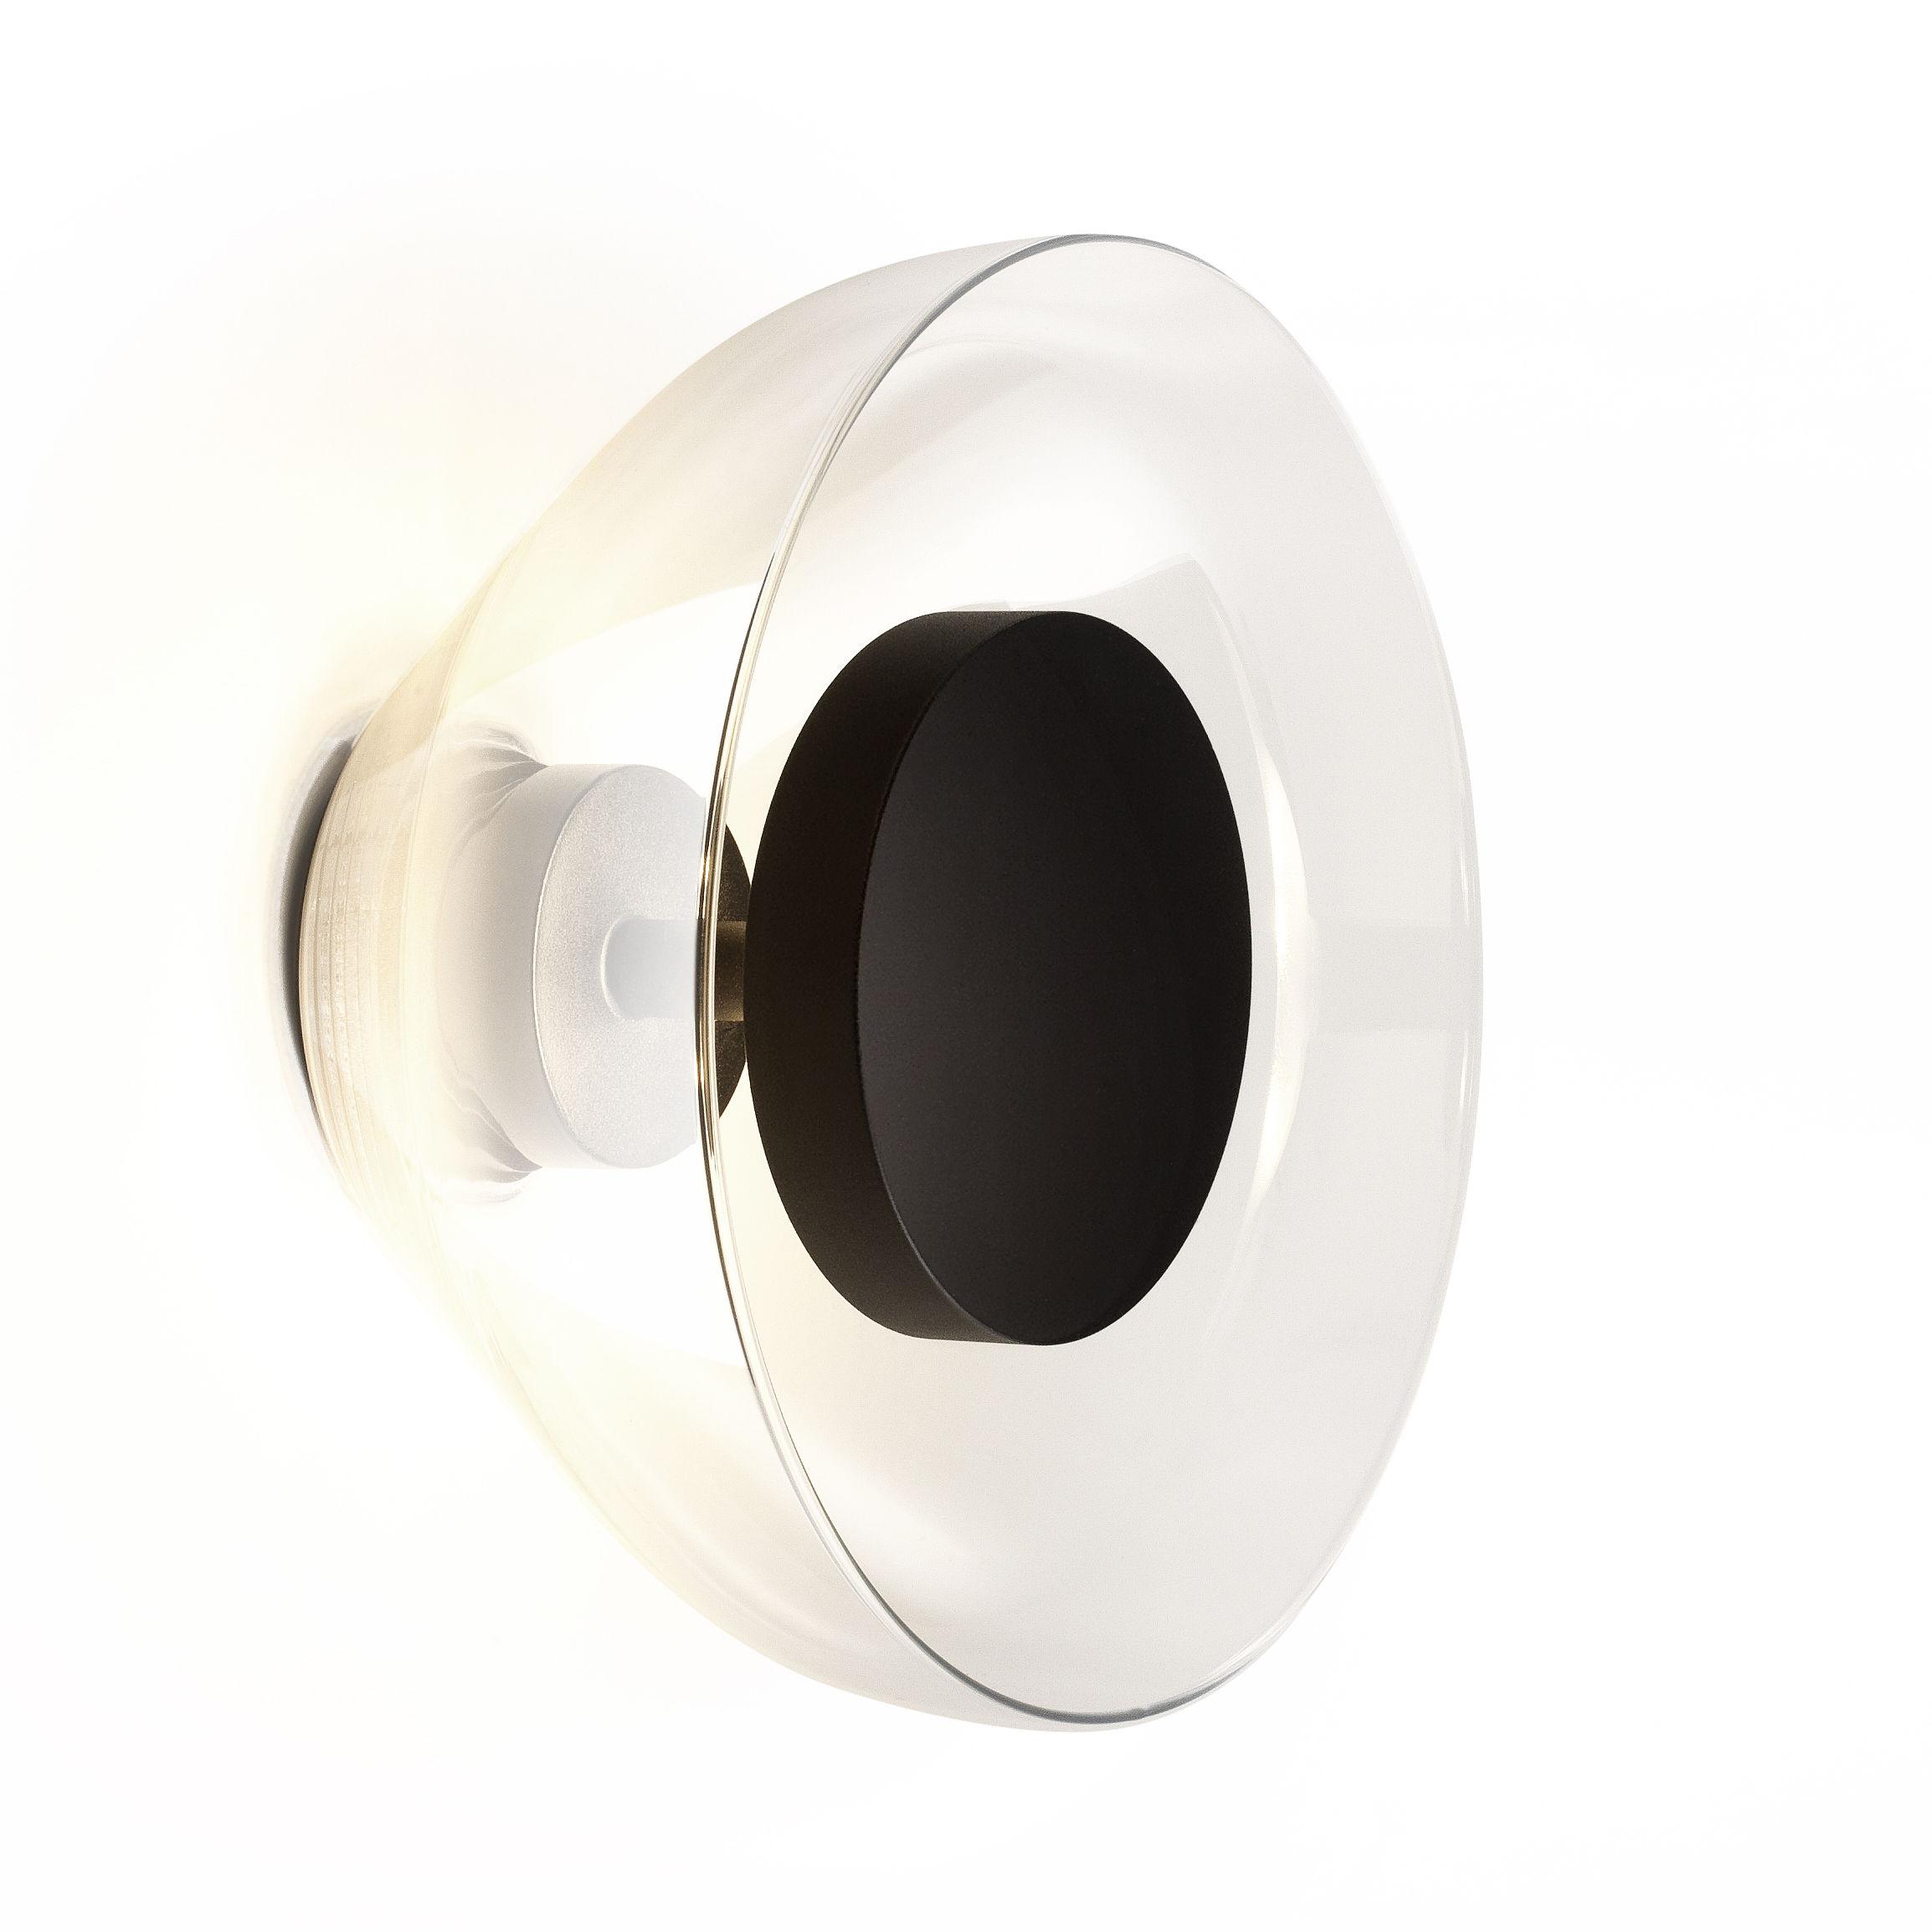 Lighting - Wall Lights - Aura Wall light - Blown glass - Ø 18 cm by Marset - Transparent - Blown glass, Lacquered aluminium